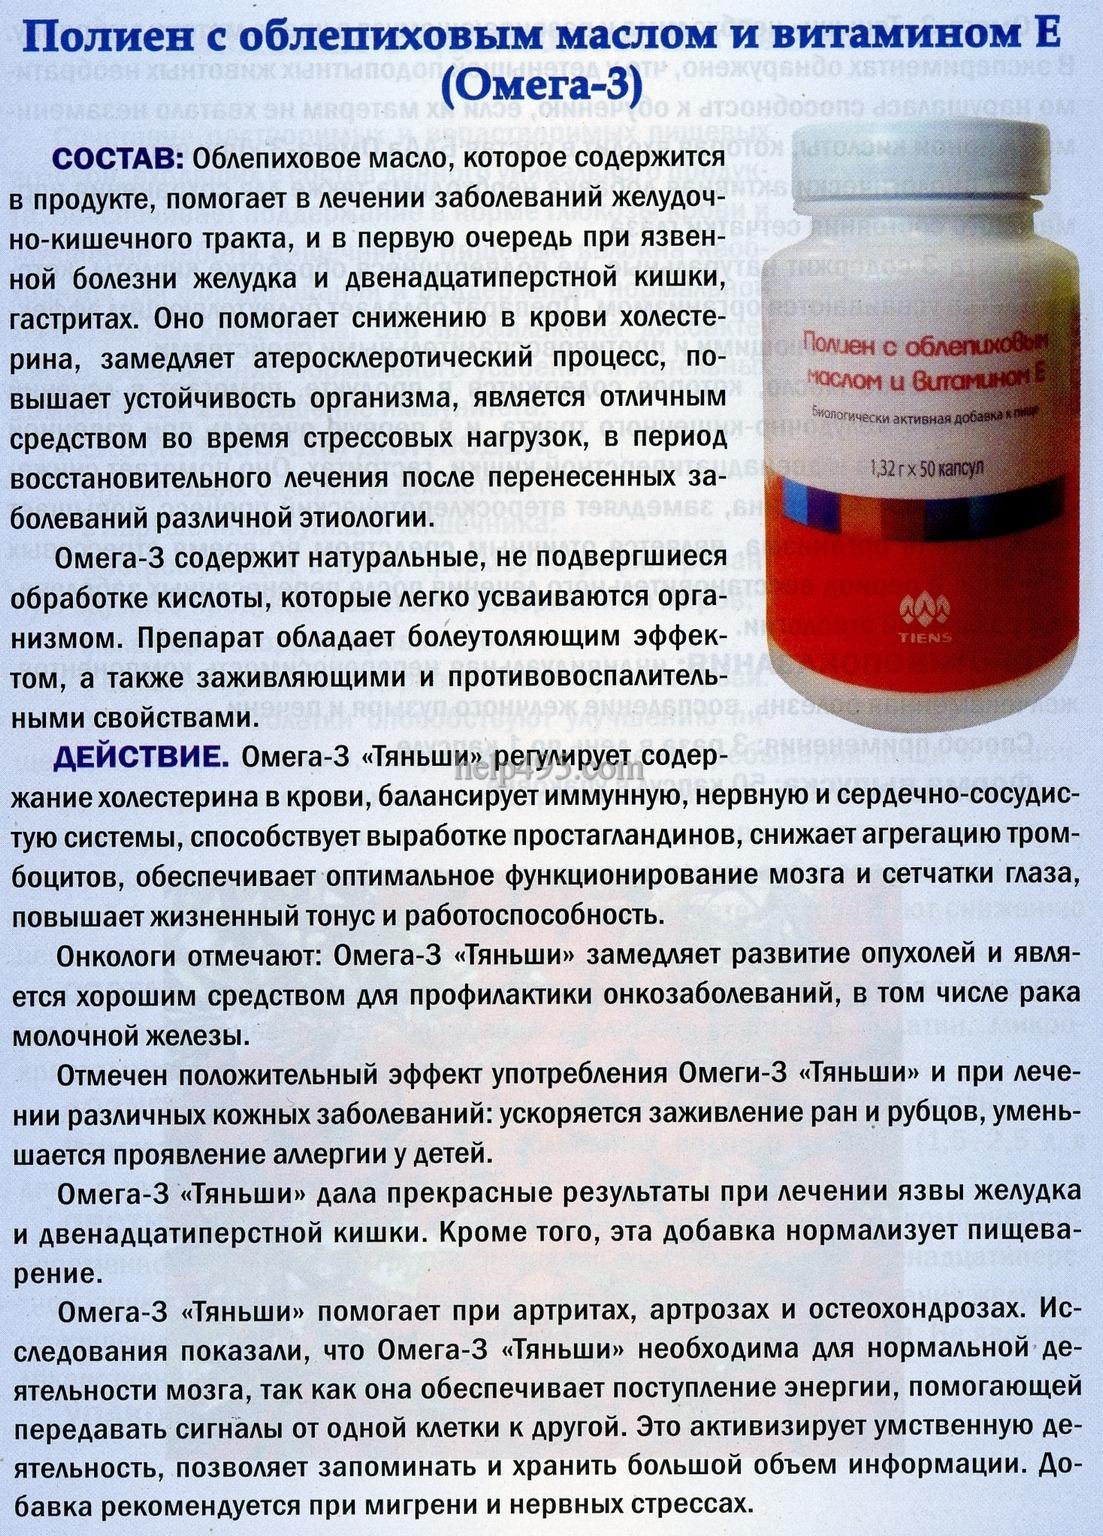 полиен с облепиховым маслом и витамином е инструкция по применению